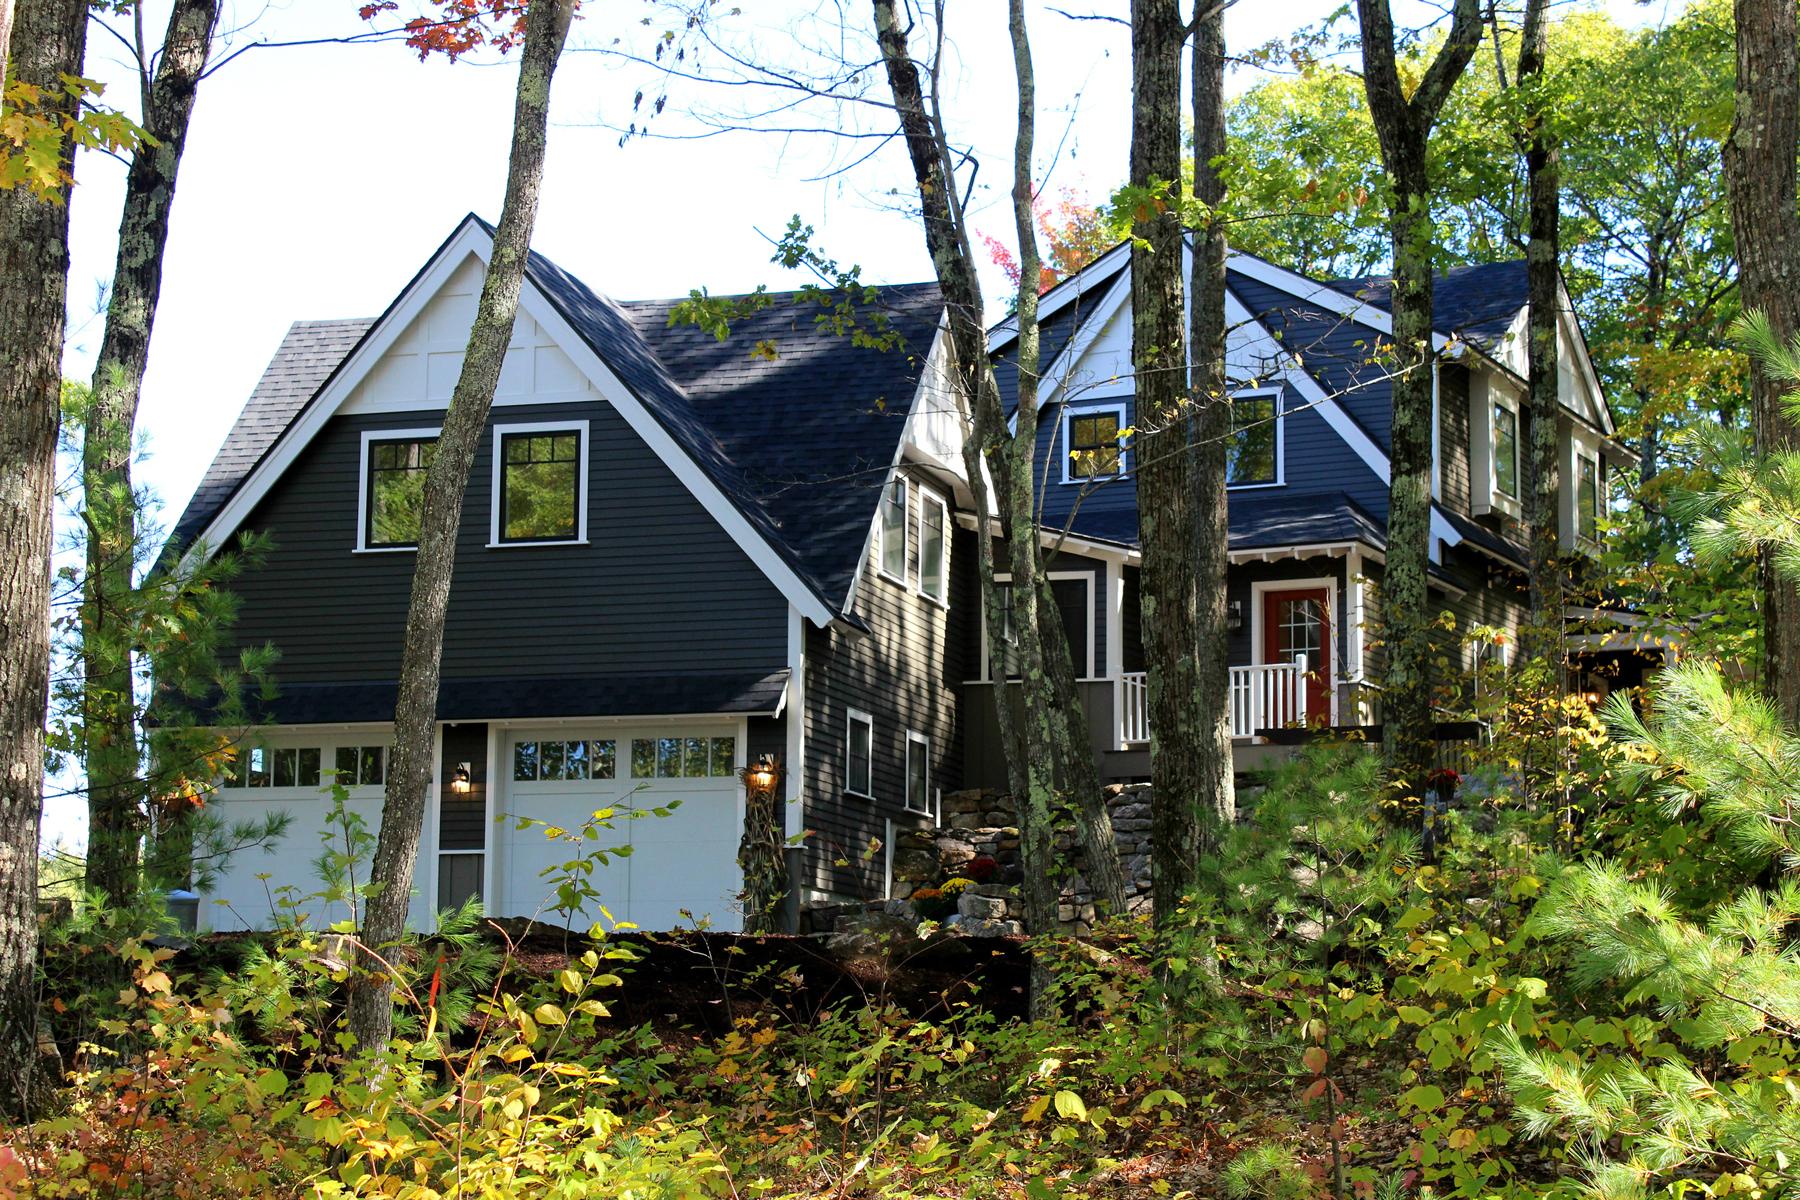 단독 가정 주택 용 매매 에 8 Peaked Hill Road, Ashland 8 Peaked Hill Rd Ashland, 뉴햄프셔, 03217 미국